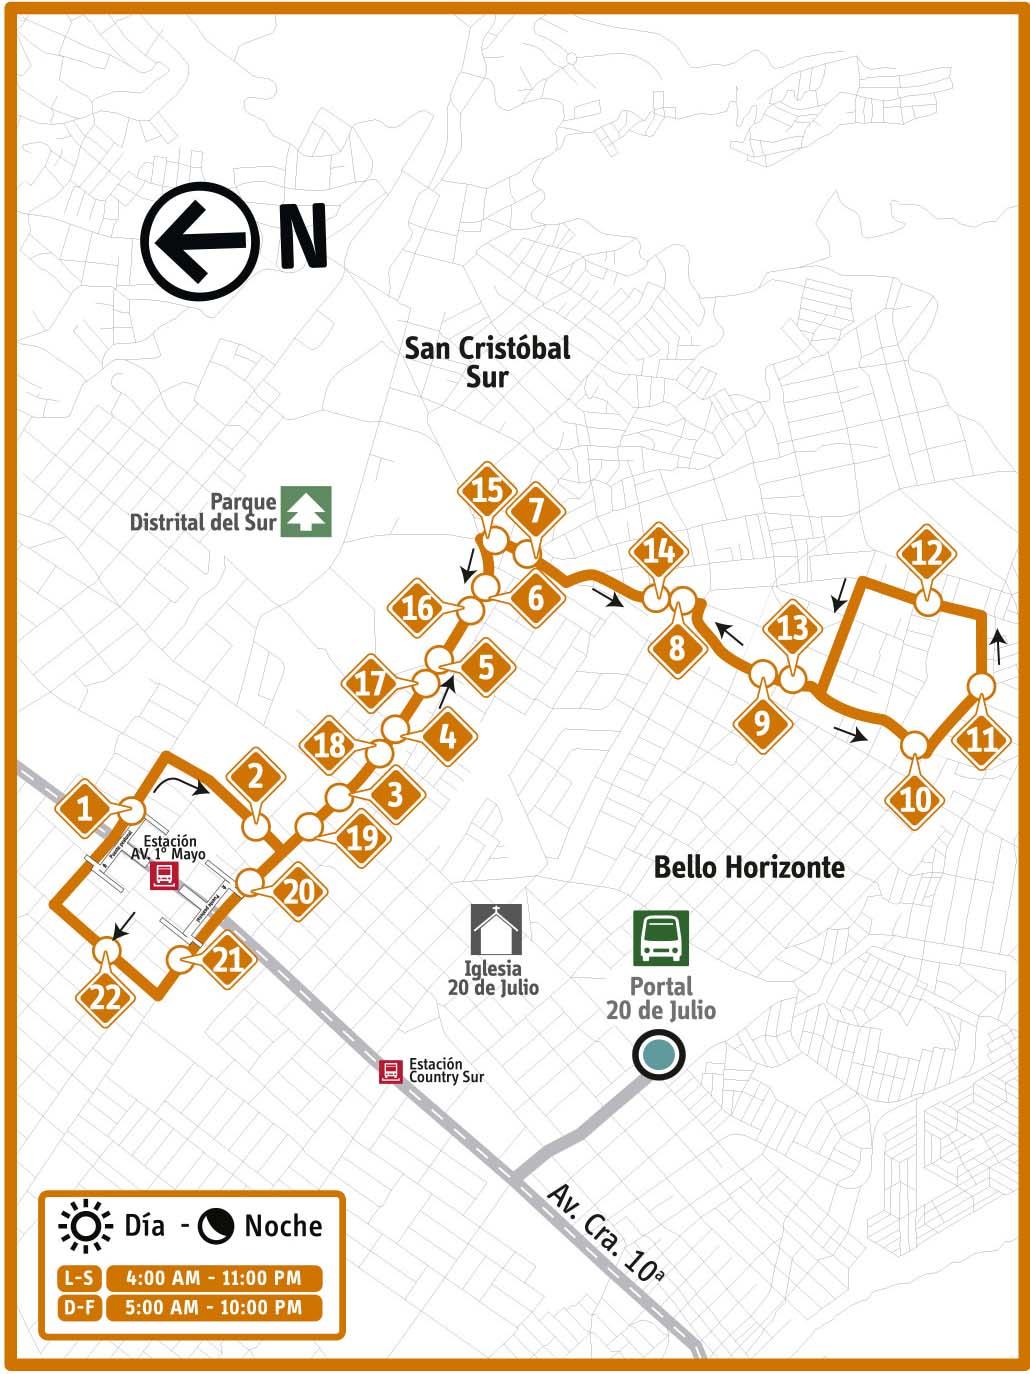 Ruta SITP: 15-3 Horacio Orjuela [Complementaria] 2